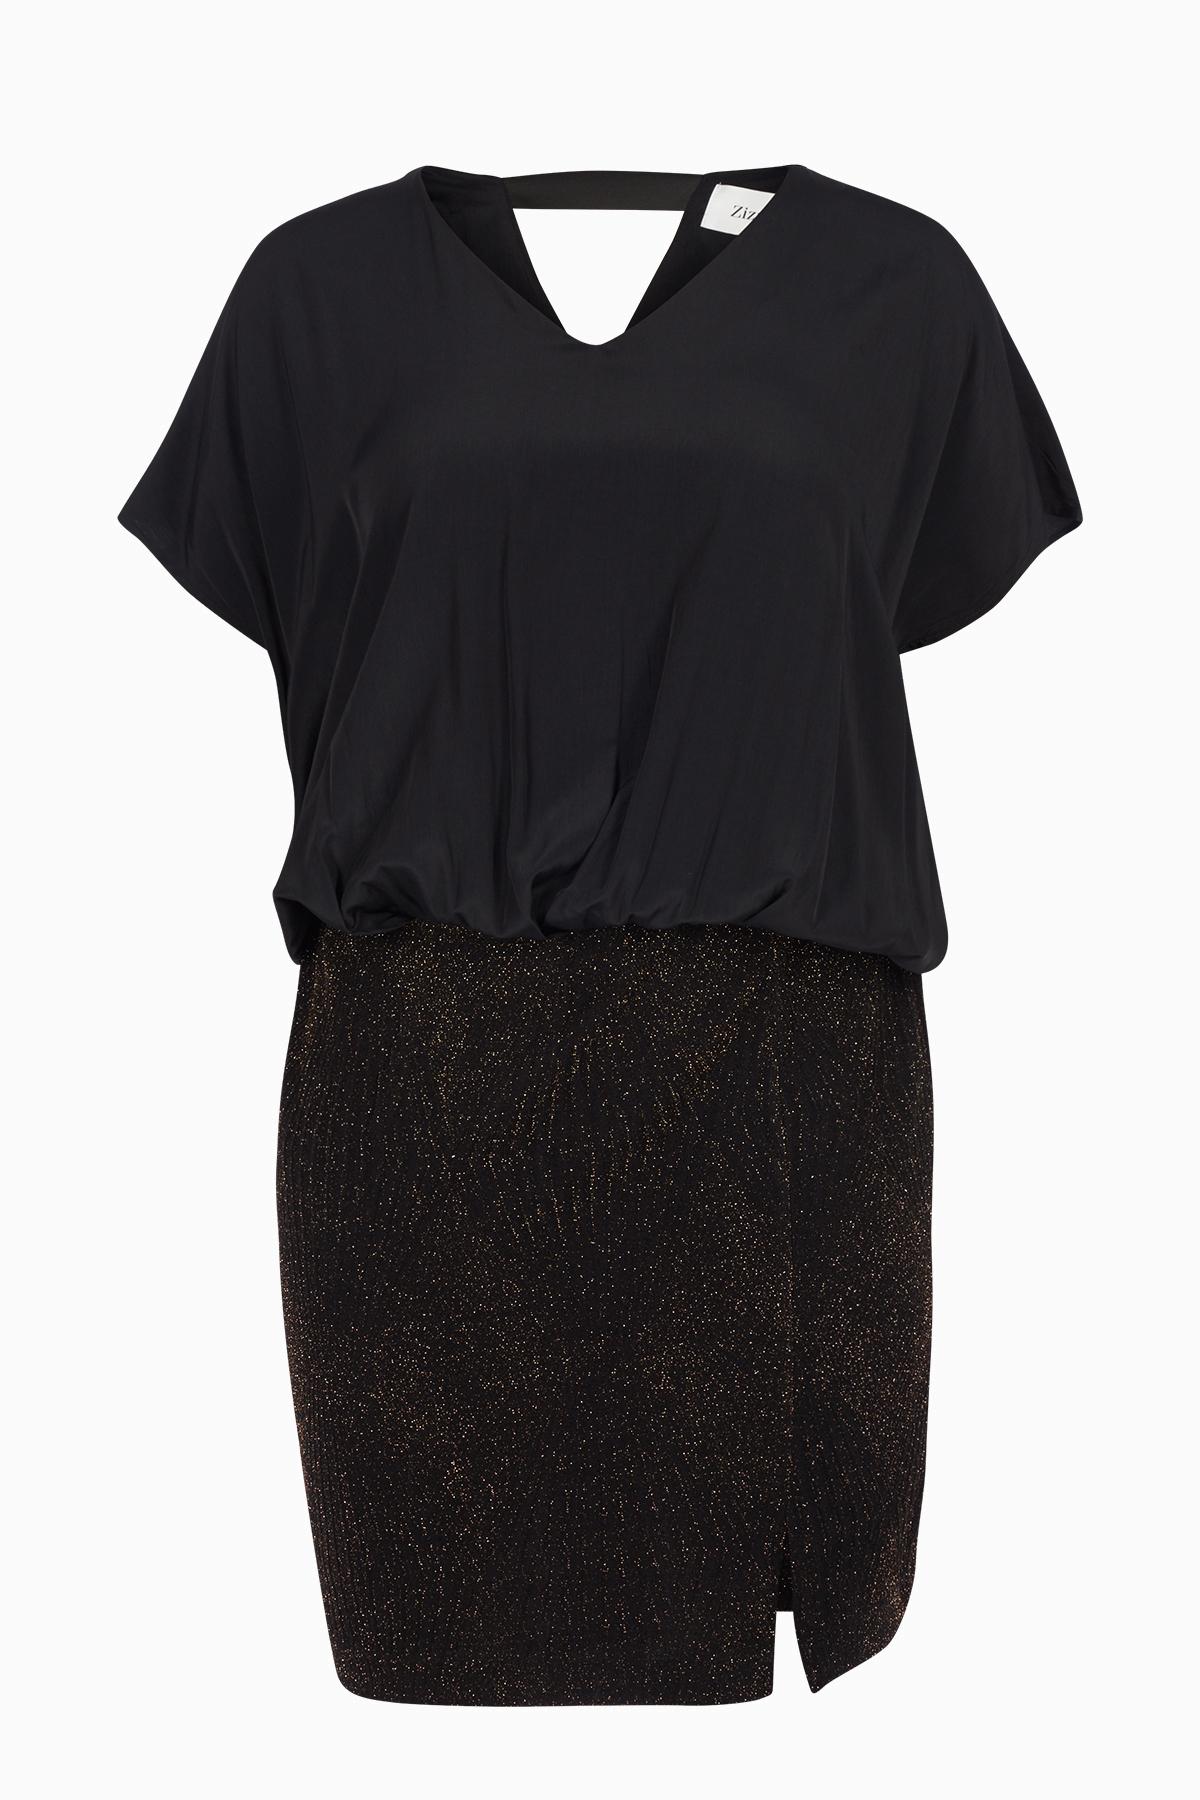 Gold Kleid von Zizzi – Shoppen Sie Gold Kleid ab Gr. 42-44-54-56 hier